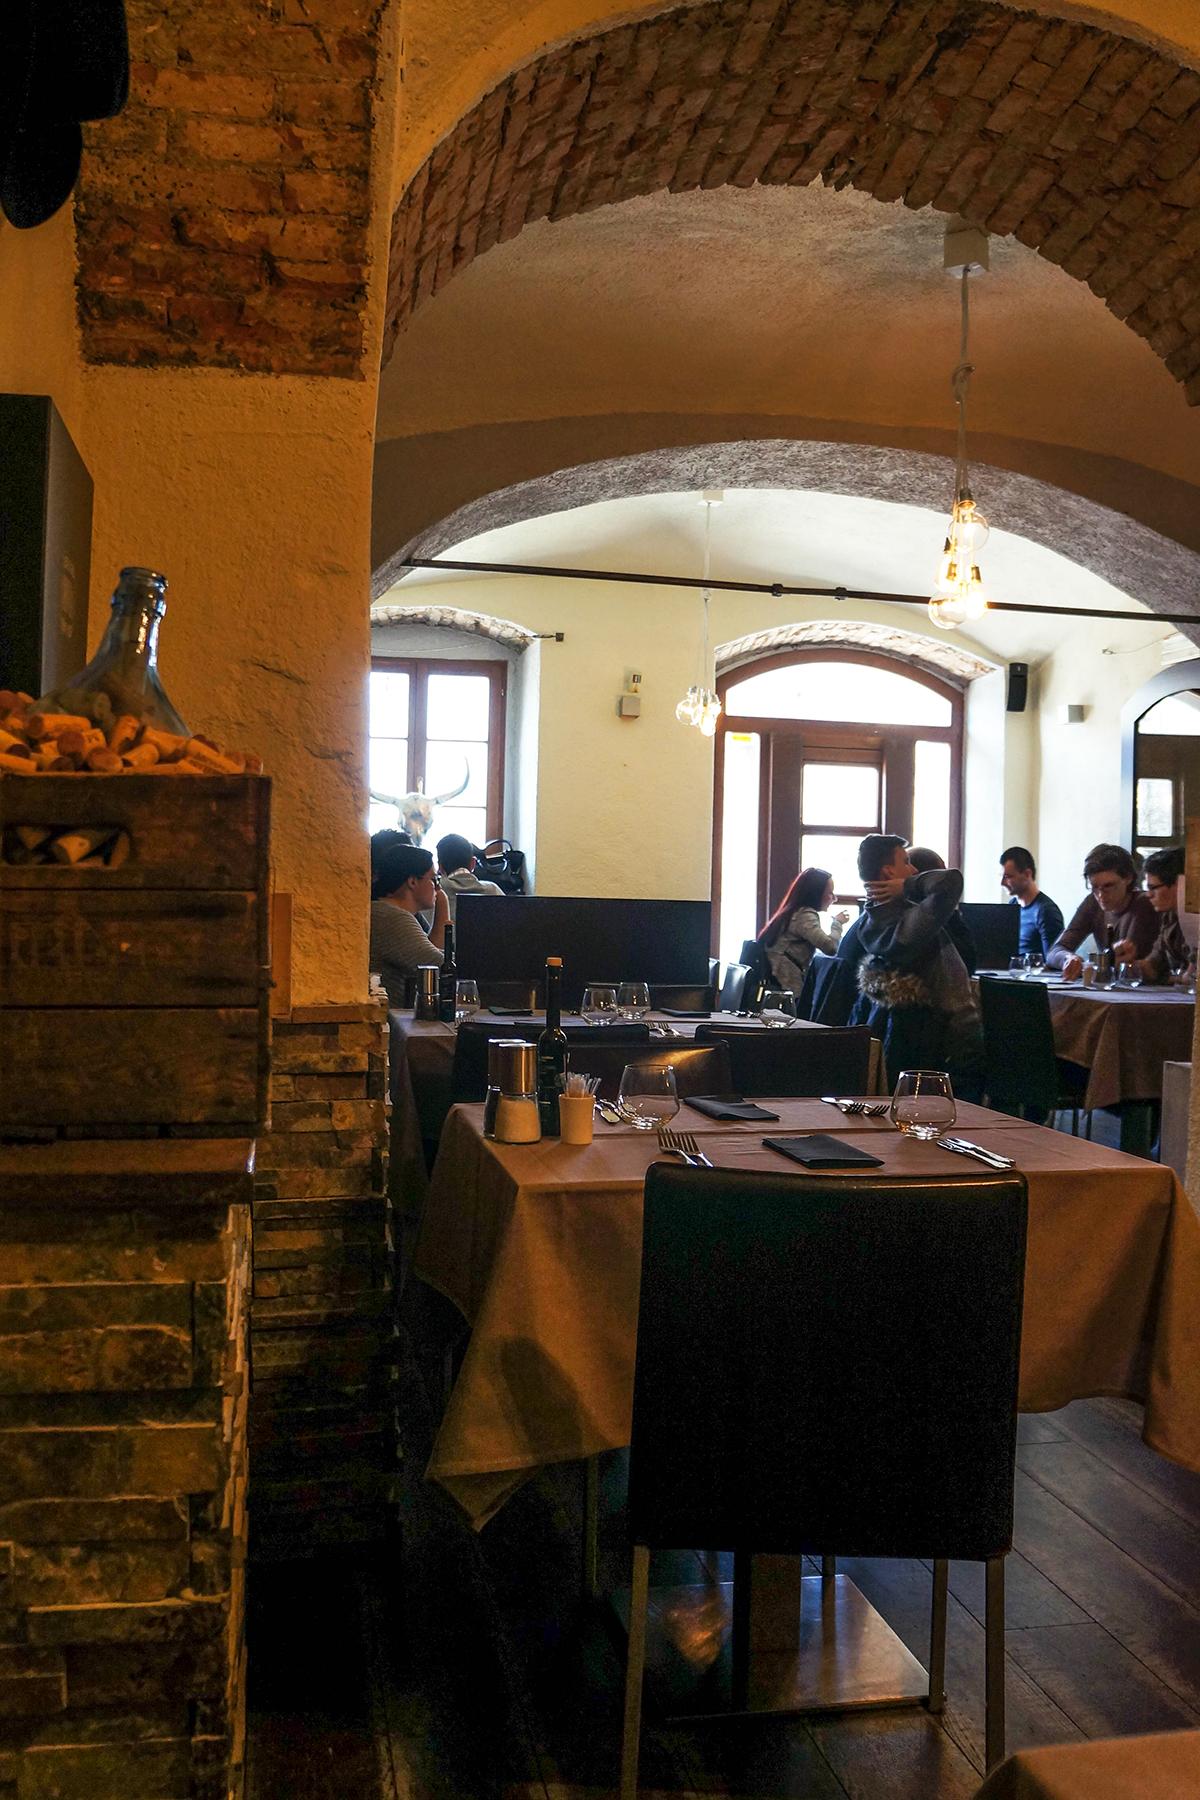 Sorbara - teden restavracij 2016 pomlad